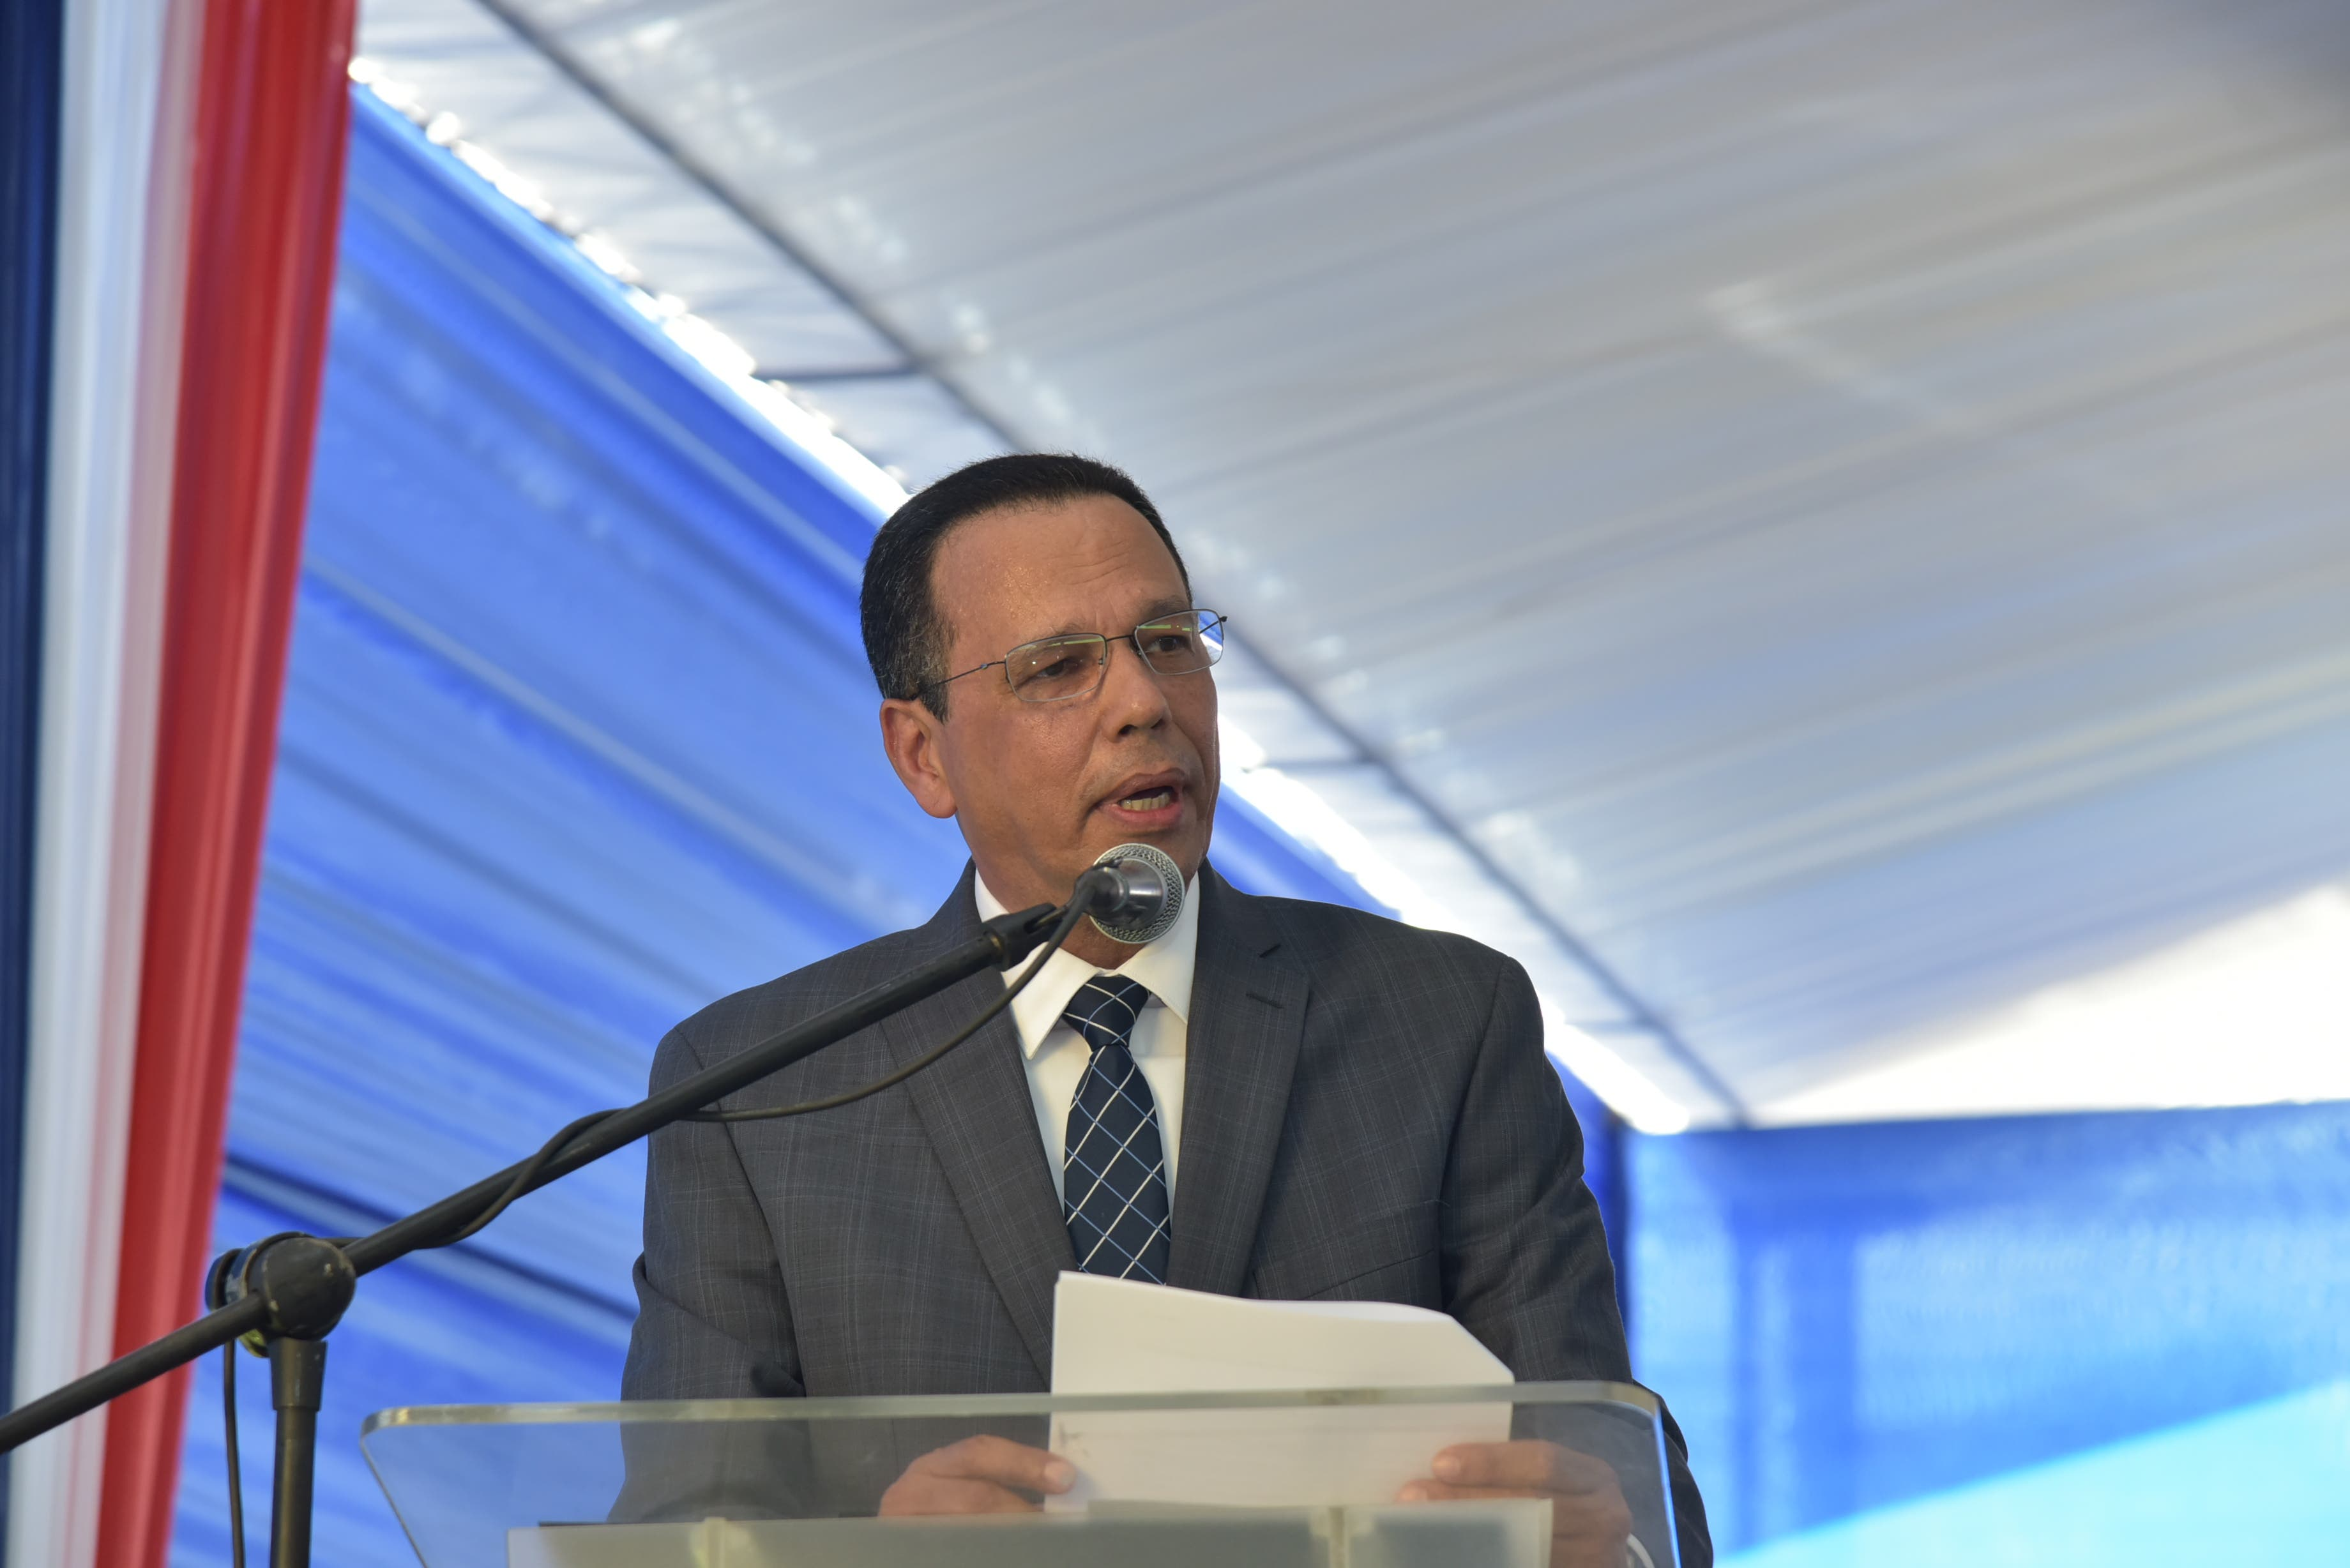 Ministro de Educación resalta impacto de la Jornada Escolar Extendida y el Currículo por Competencia